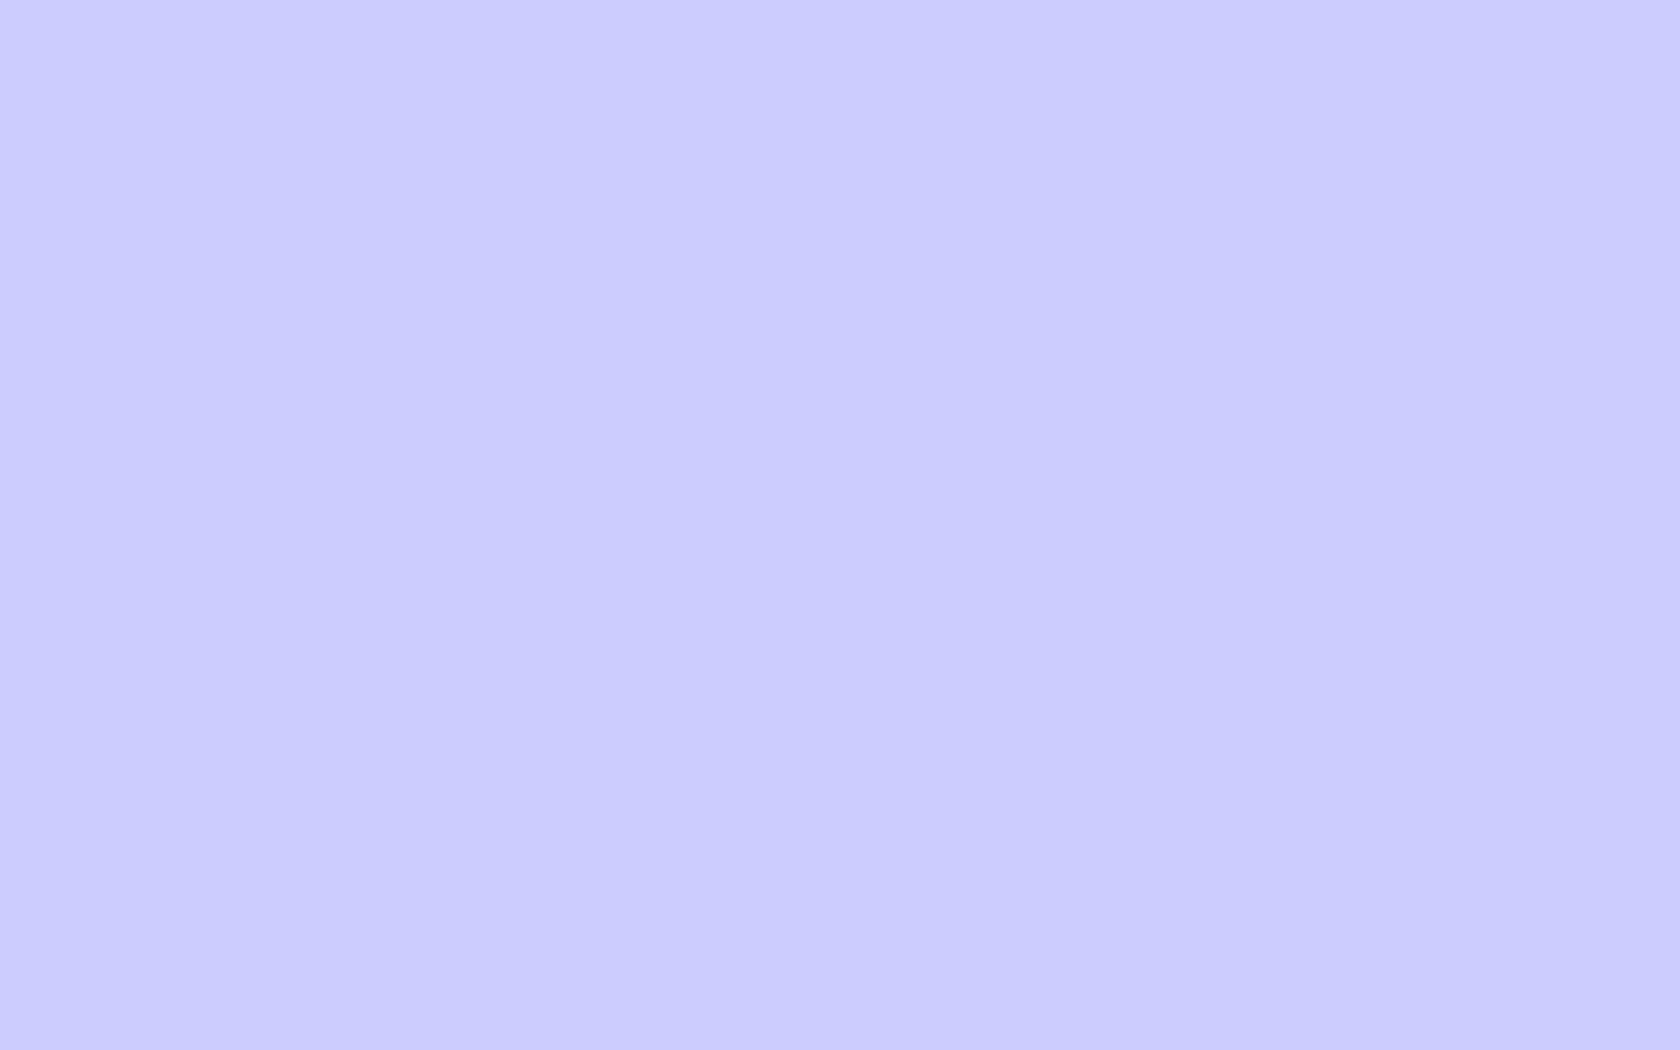 1680x1050 Lavender Blue Solid Color Background